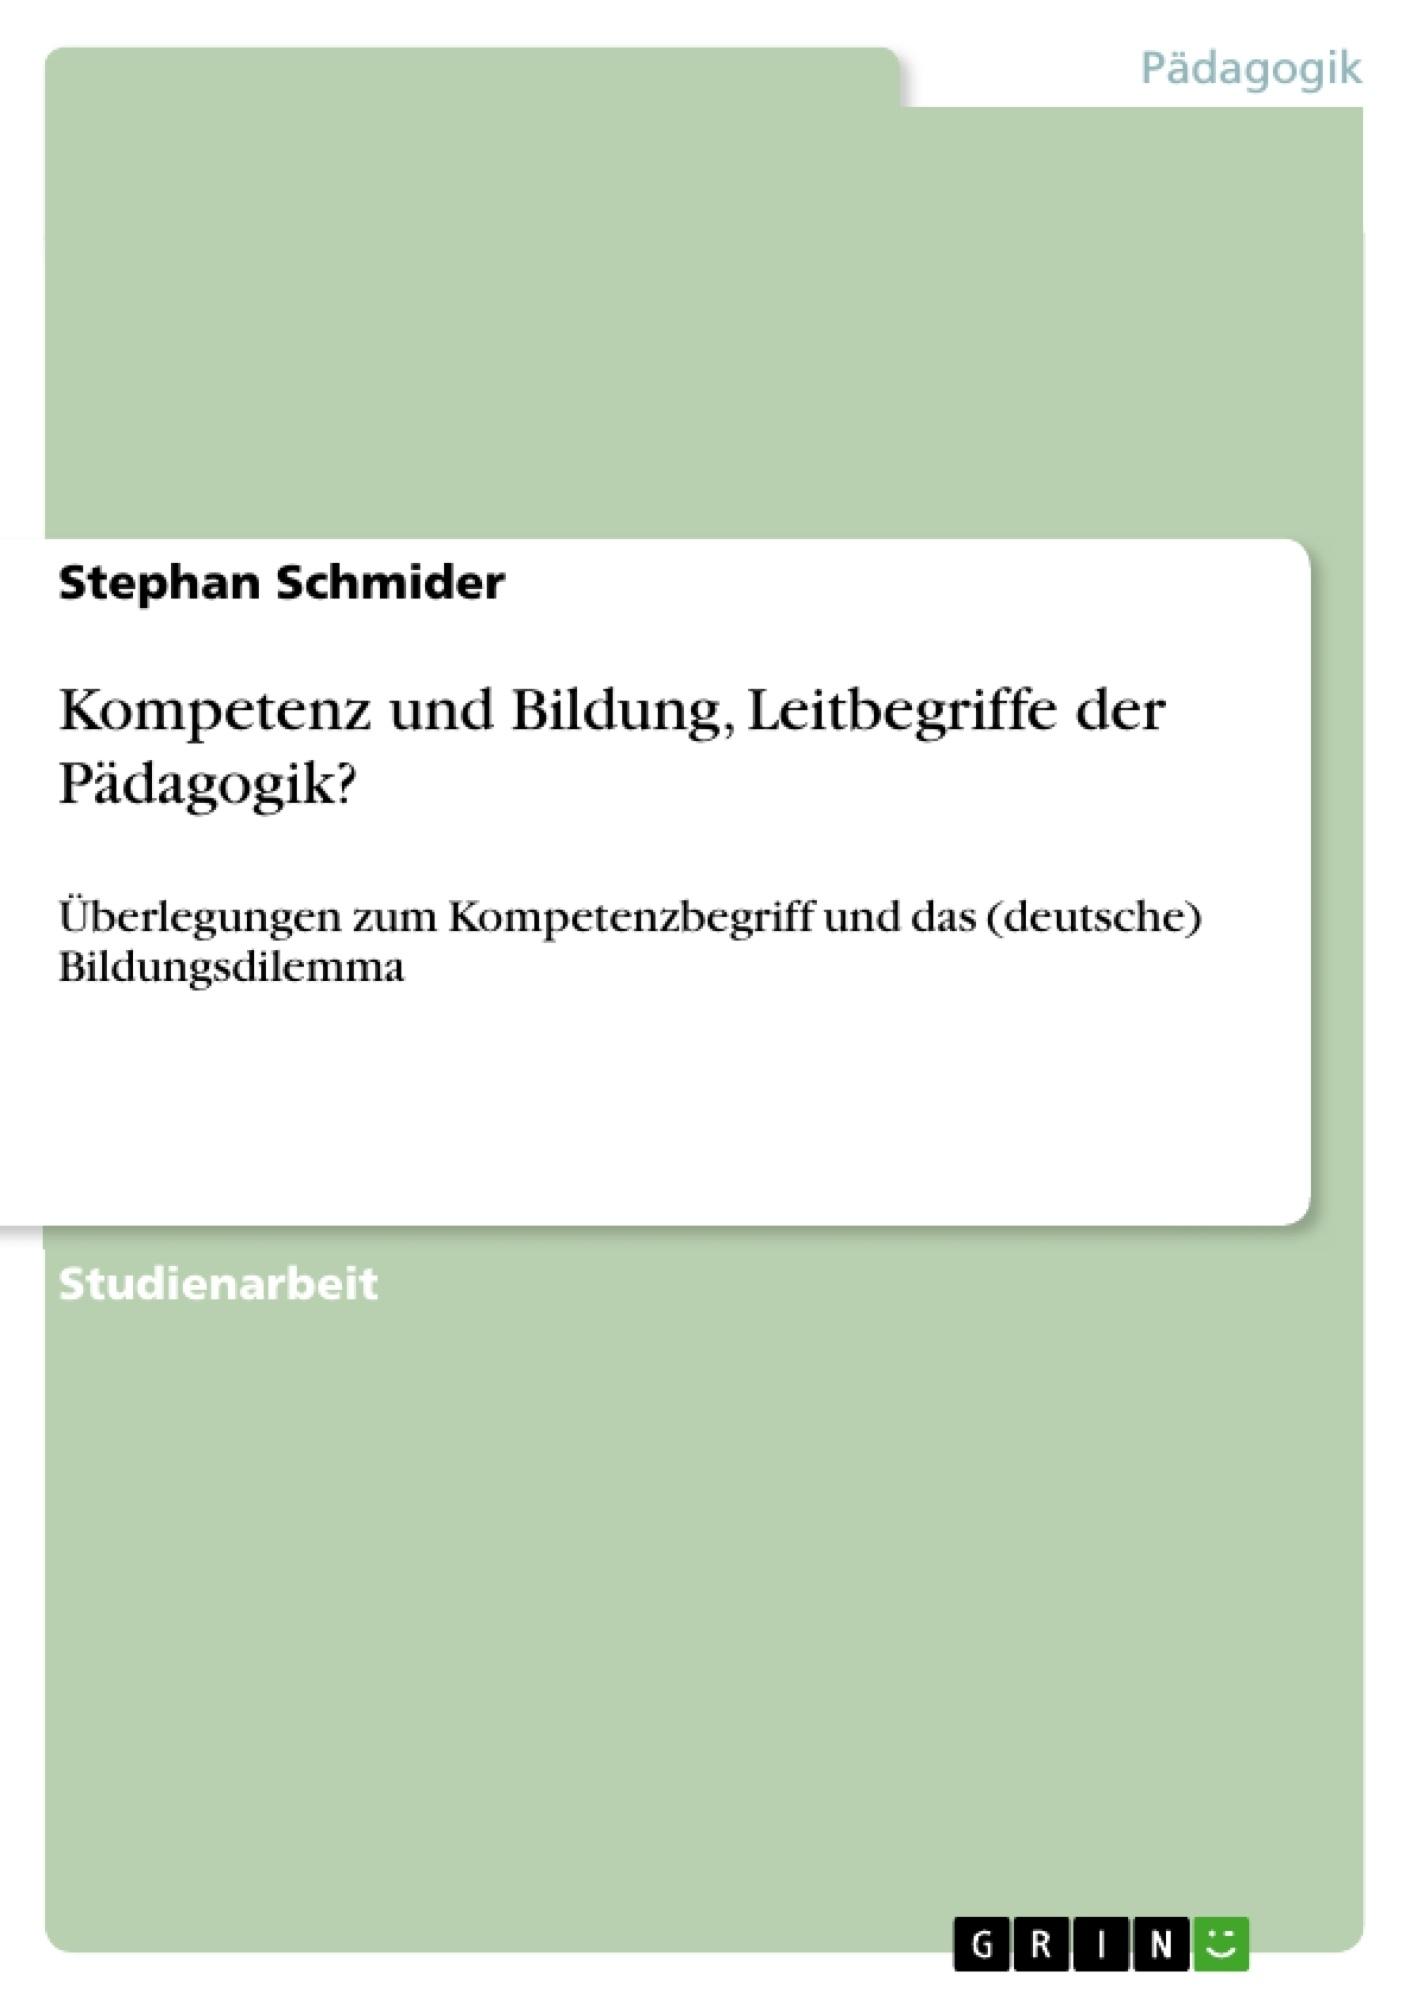 Titel: Kompetenz und Bildung, Leitbegriffe der Pädagogik?